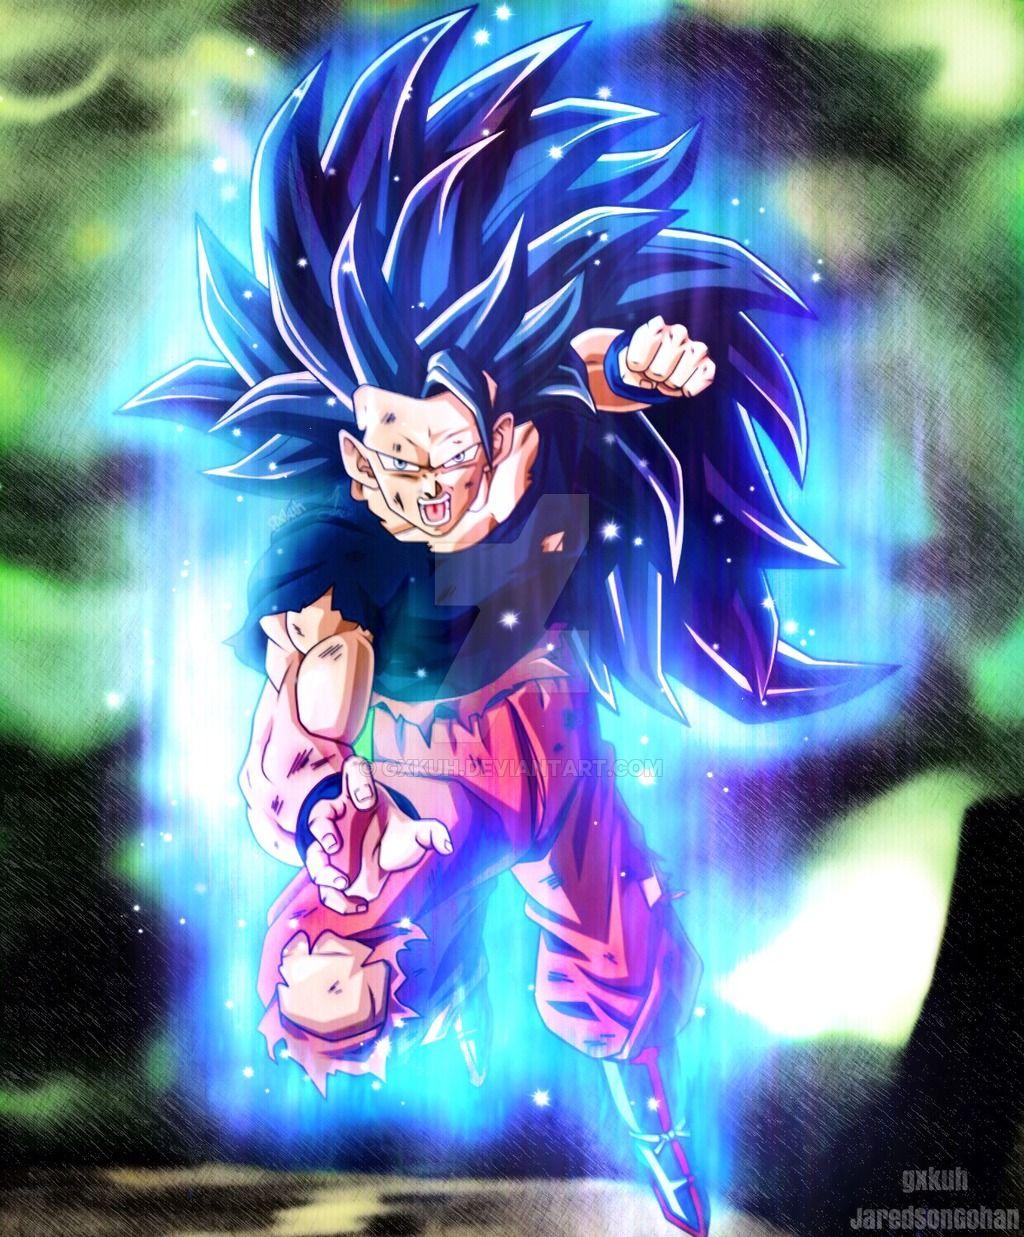 Ssj3 Goku (Ultra Instinct) by gxkuh | Dbz | Dragon ball